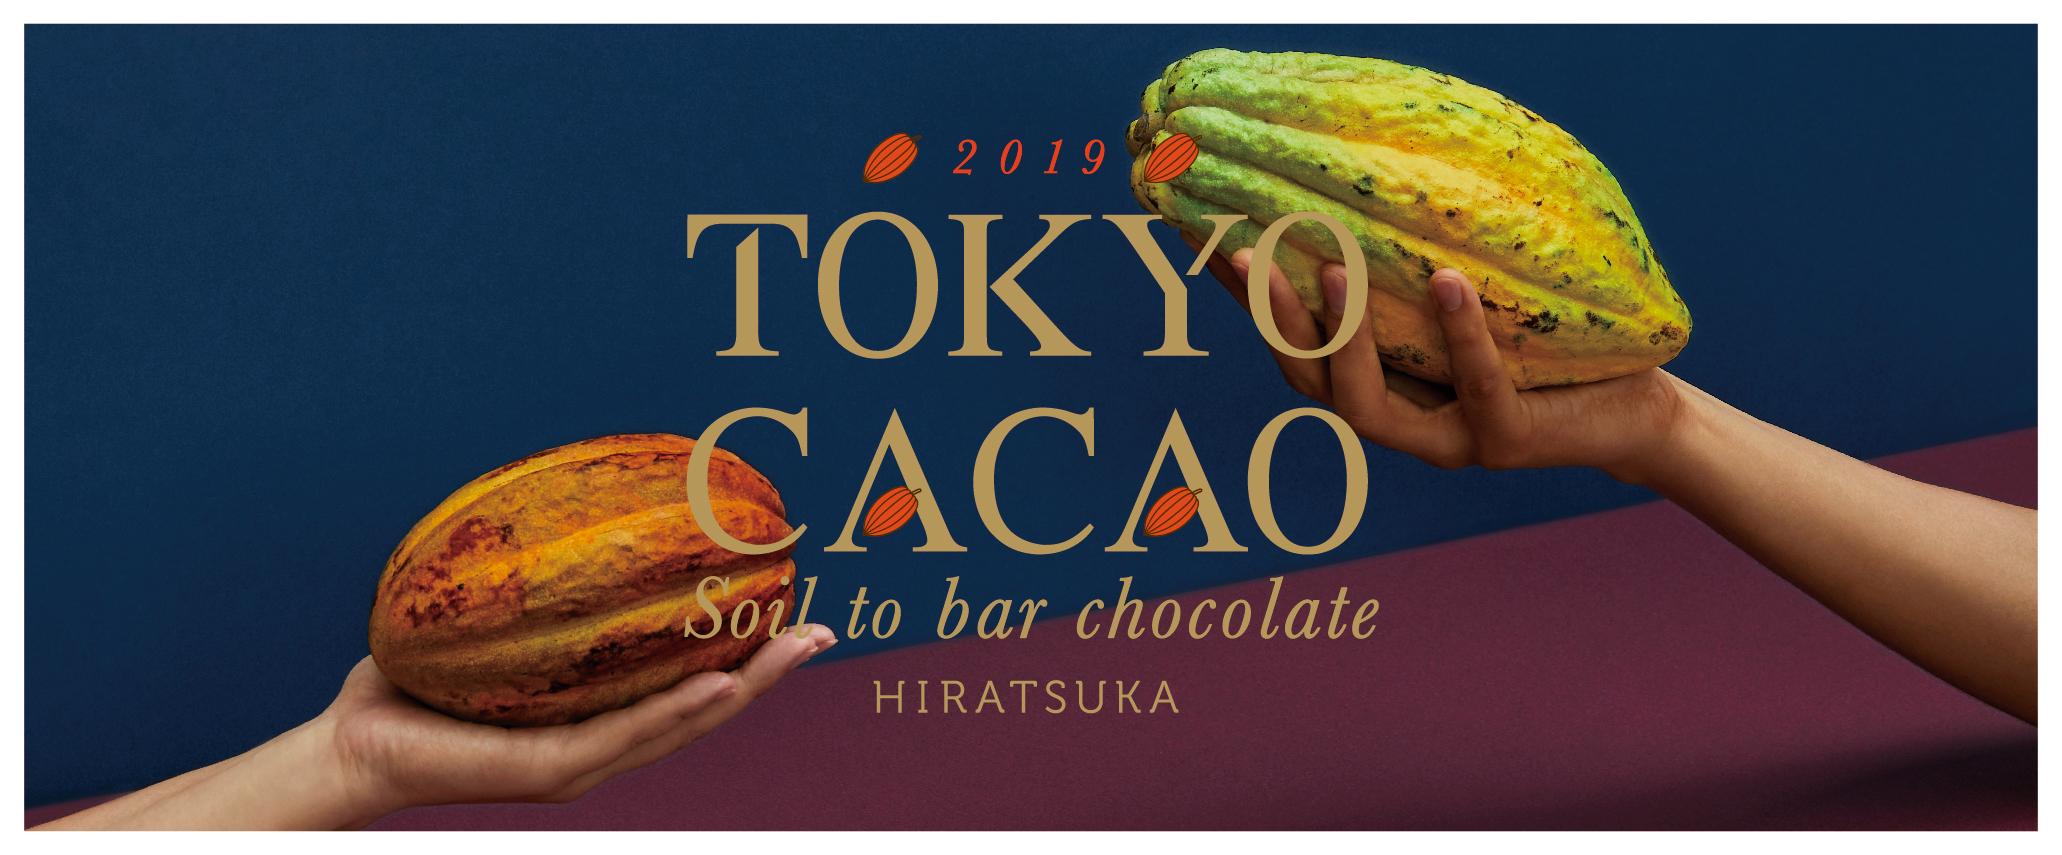 tokyo-cacao-1